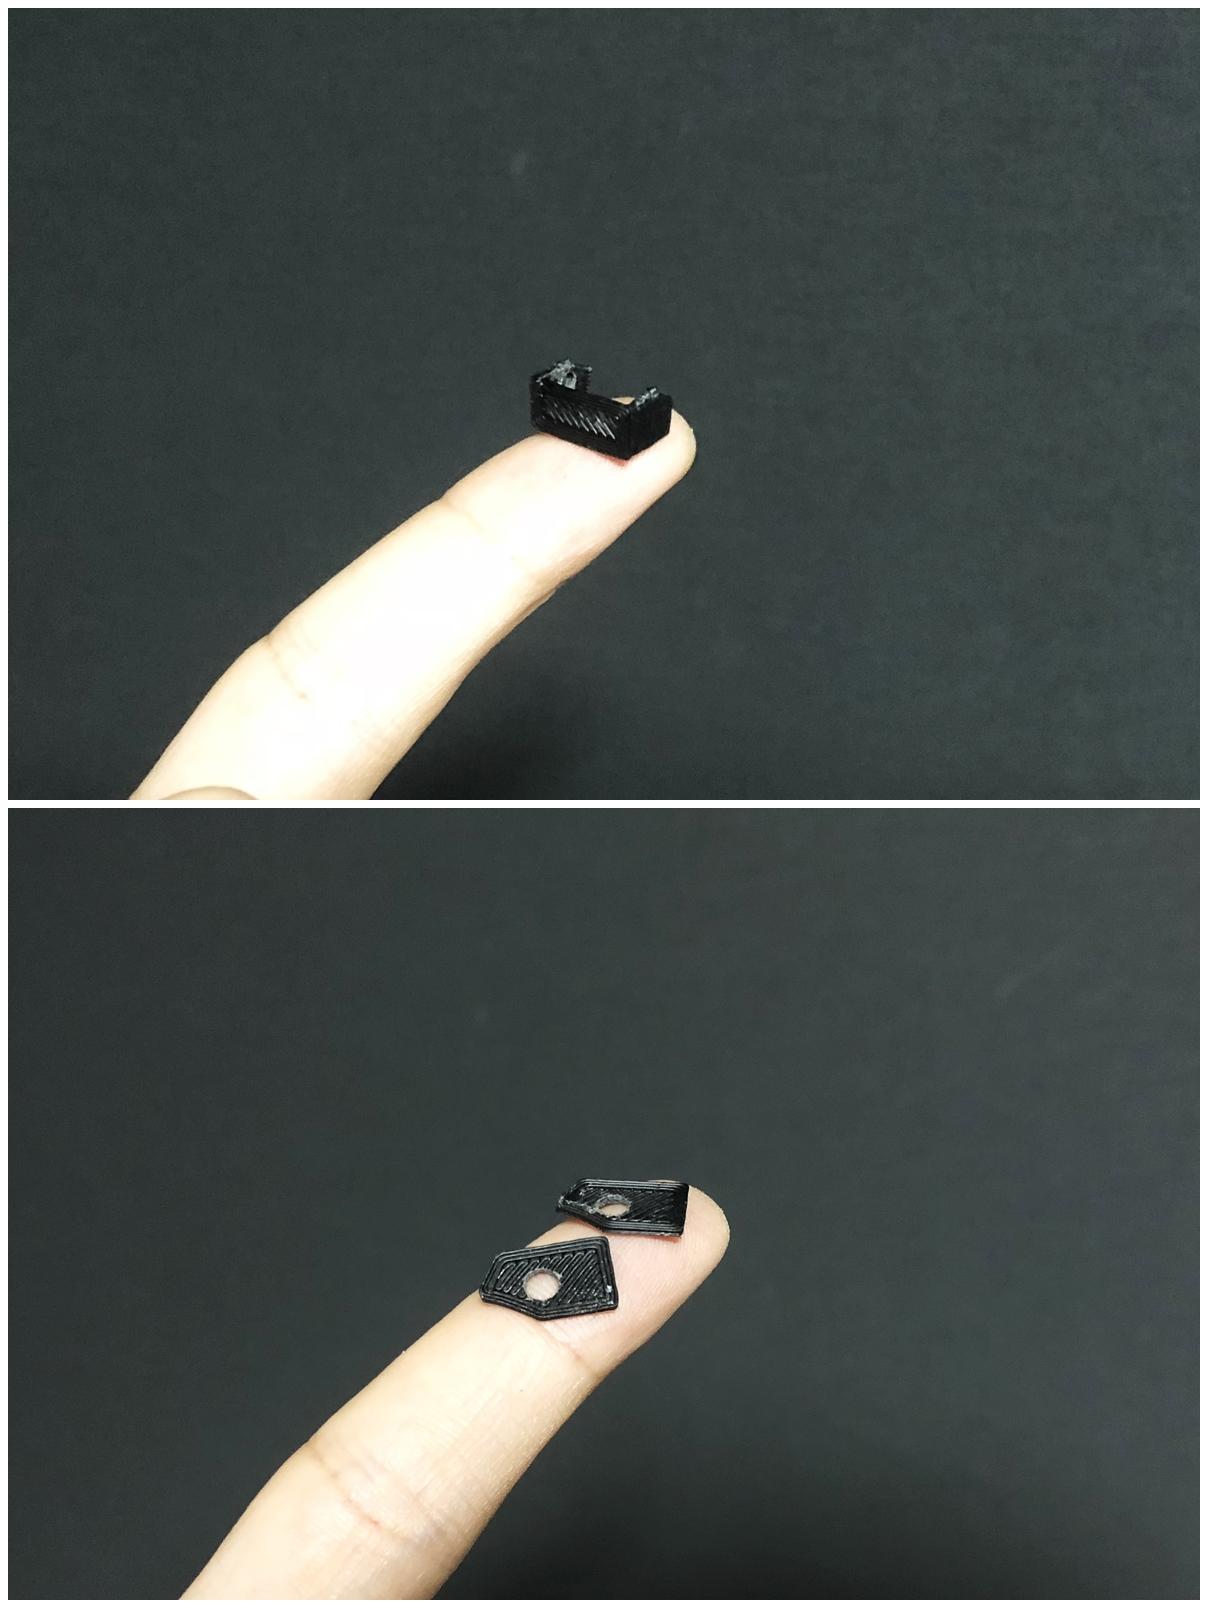 14 実物 BCM GUNFIGHTER TRIGGR GUARD MOD 0 ガンファイタートリガーガード 次世代電動ガンに実物トリガーガードを取付けてやる!! 開封 3Dプリント DIY 加工 交換 取付 正規品 新品 カスタム レビュー